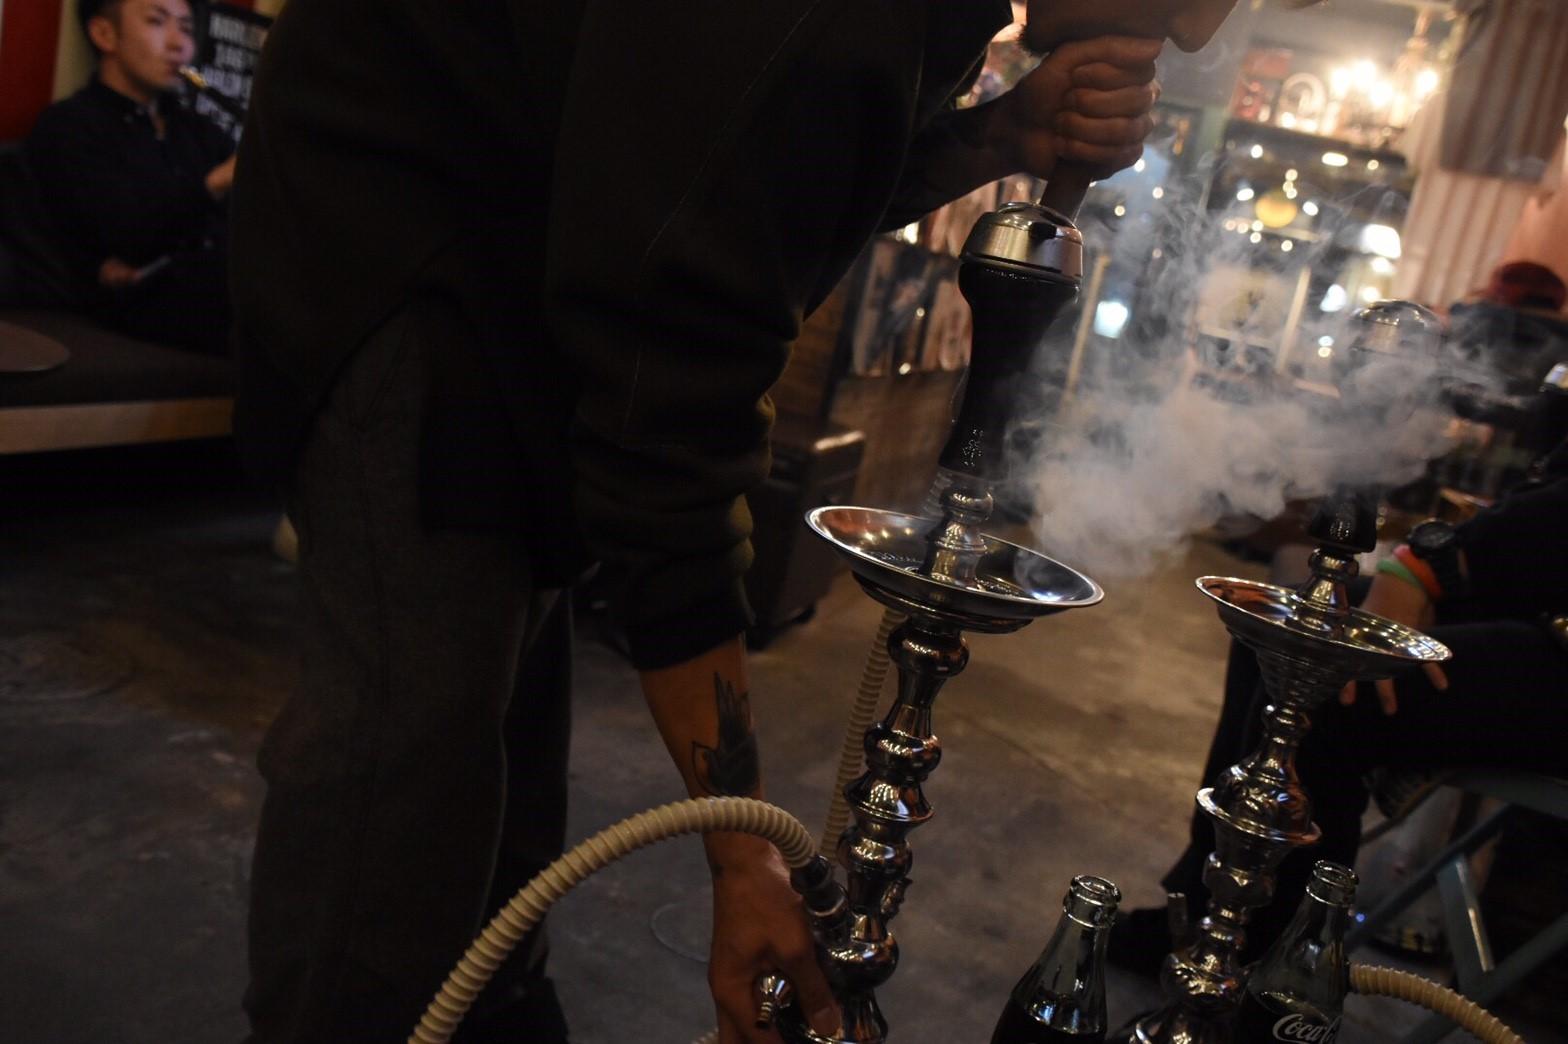 高知唯一の水たばこ屋 「SHISHA CAFE CIRCUS(シーシャキルクス )」